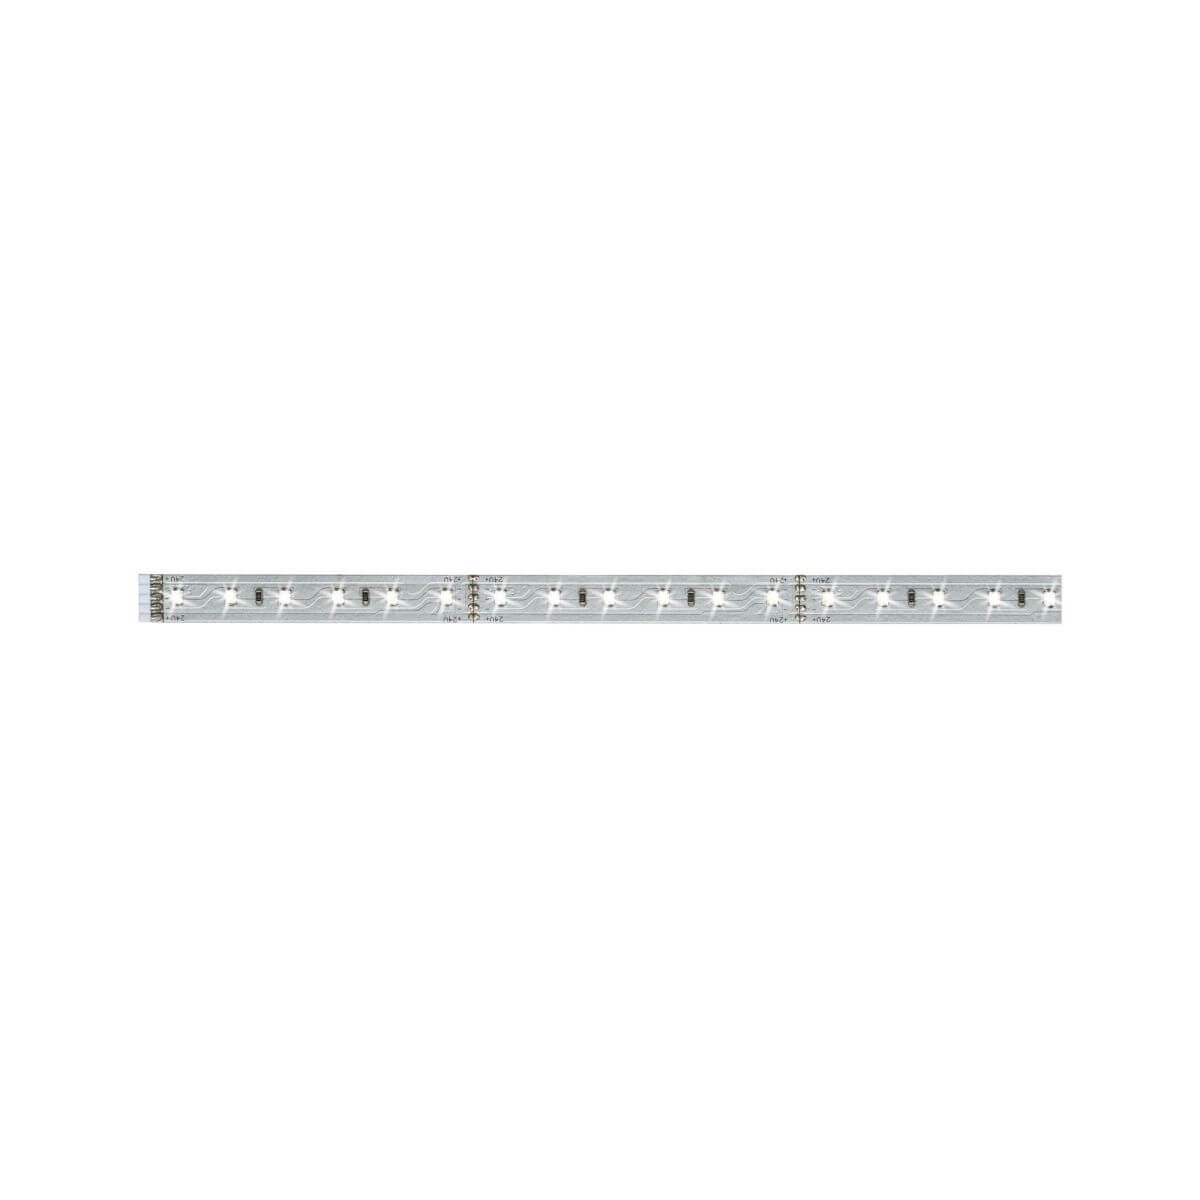 Paulmann MaxLED 500 Strip, 1 m, Tageslichtweiß, unbeschichtet